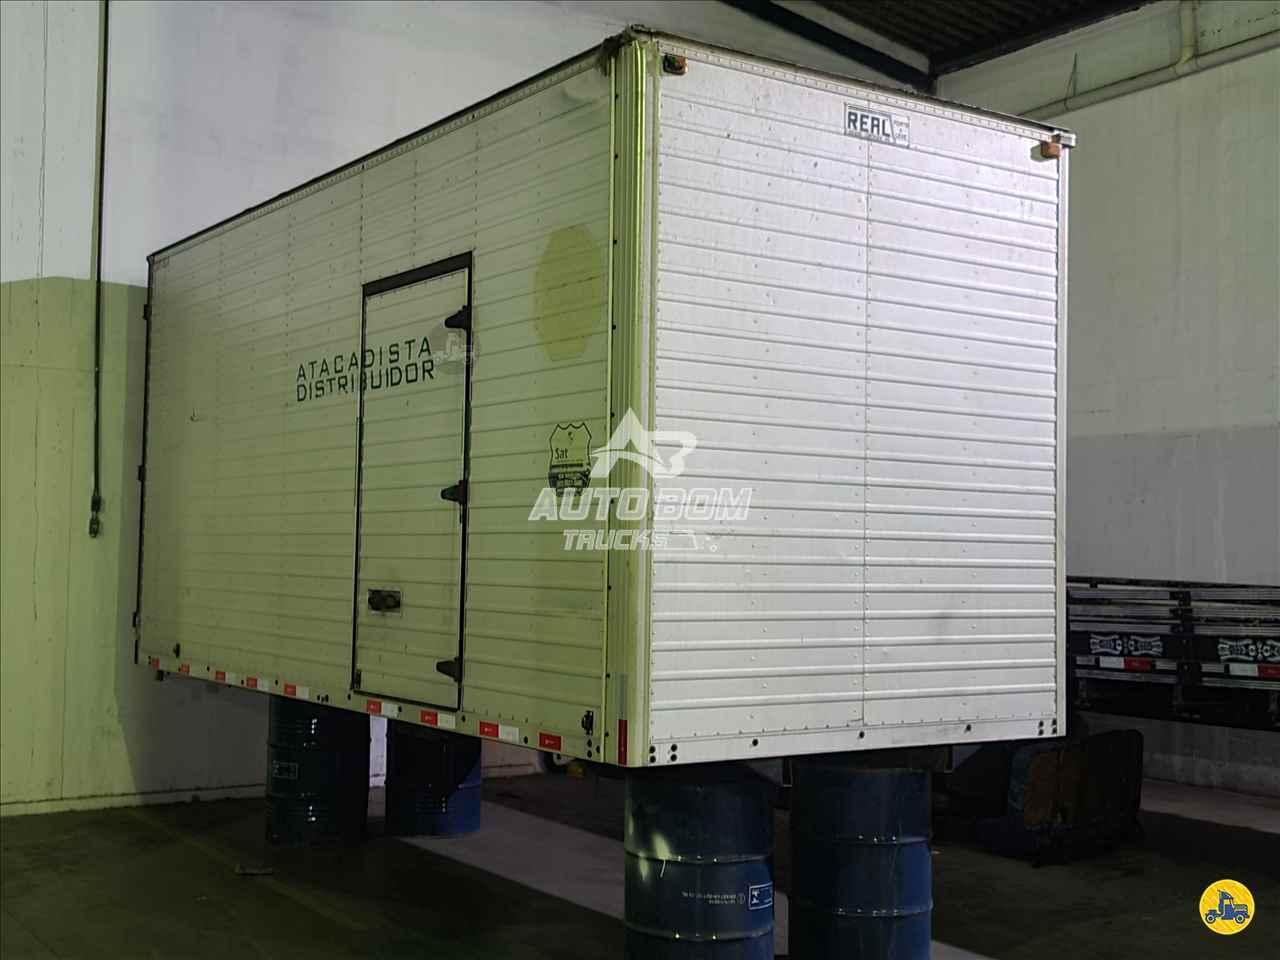 CARROCERIA SOBRE CHASSI  CAMINHAO 3/4 BAU FURGAO Autobom Trucks CONTAGEM MINAS GERAIS MG